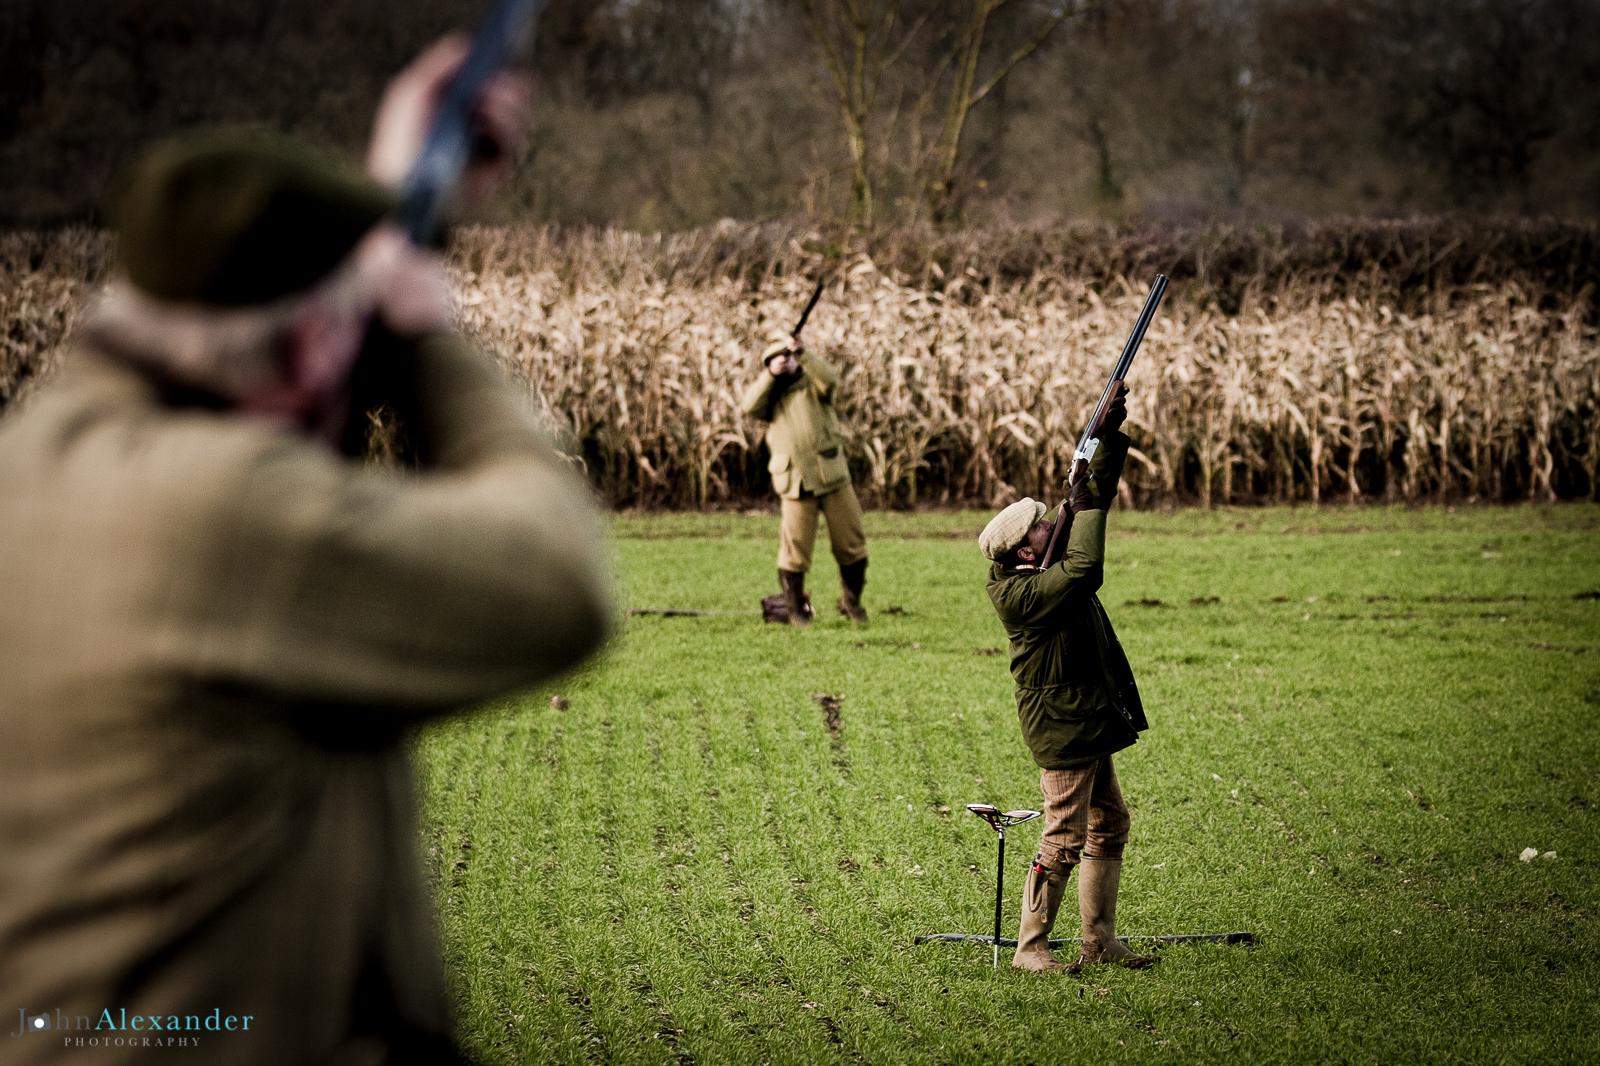 line of guns shooting pheasants at at driven pheasant shoot